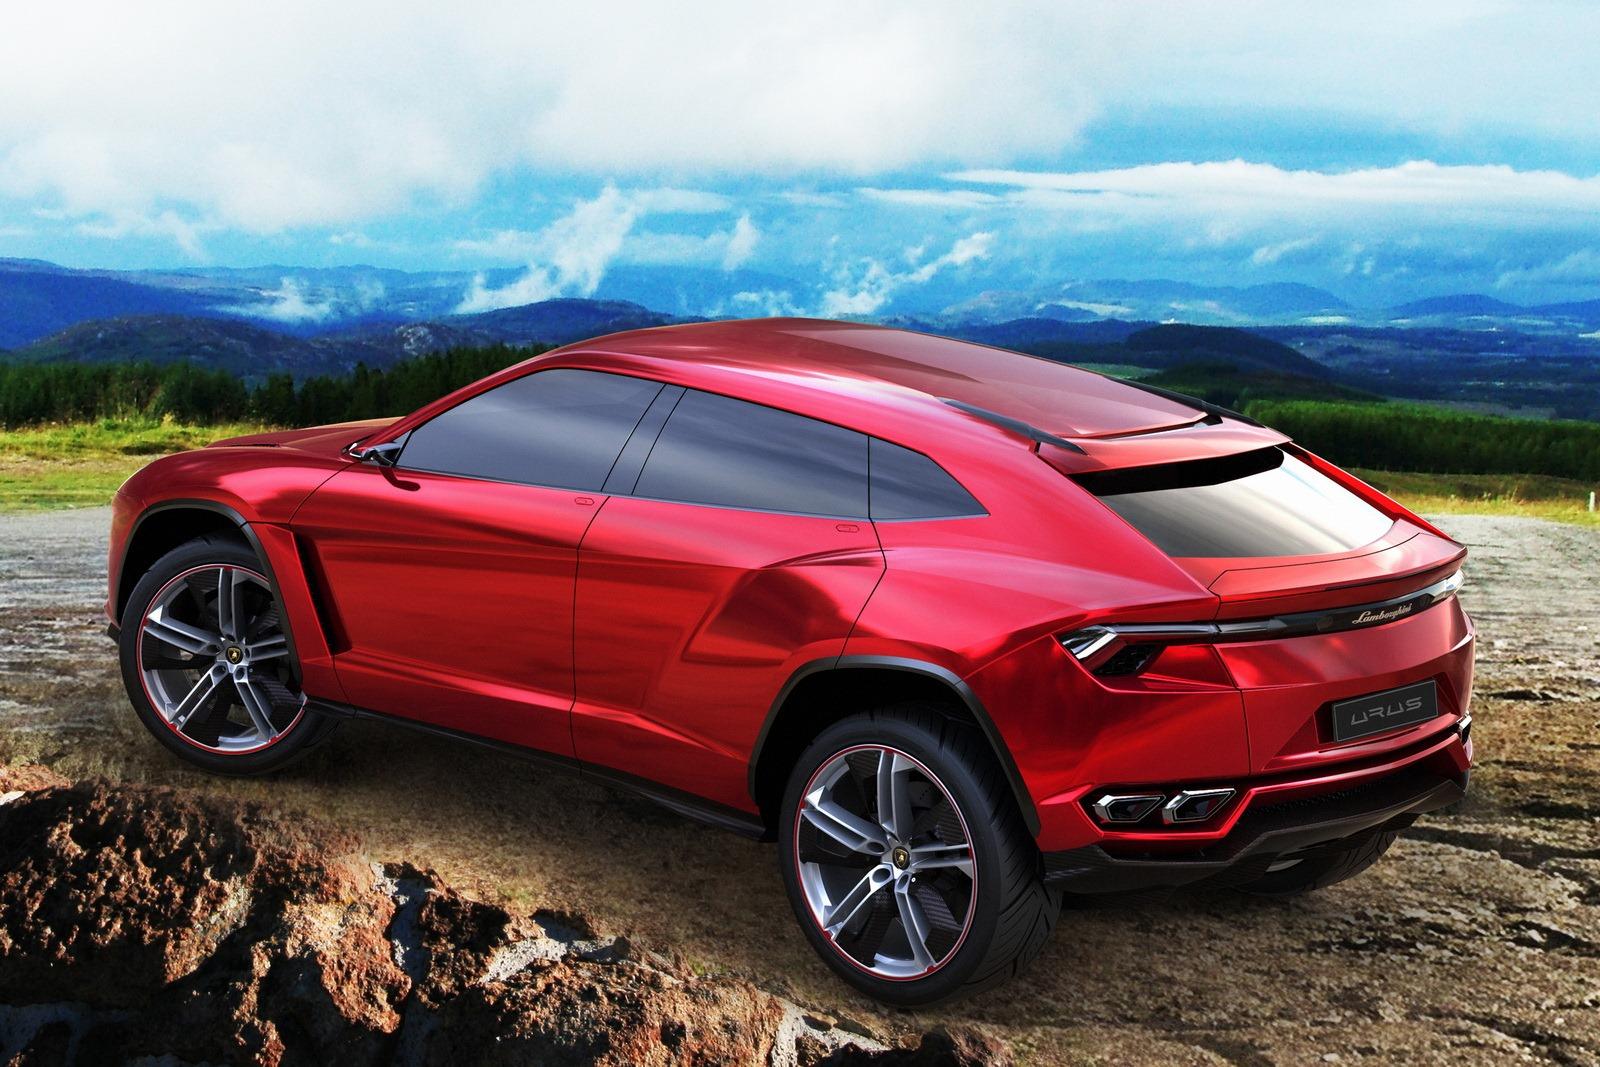 Lamborghini-Urus-9%255B3%255D.jpg